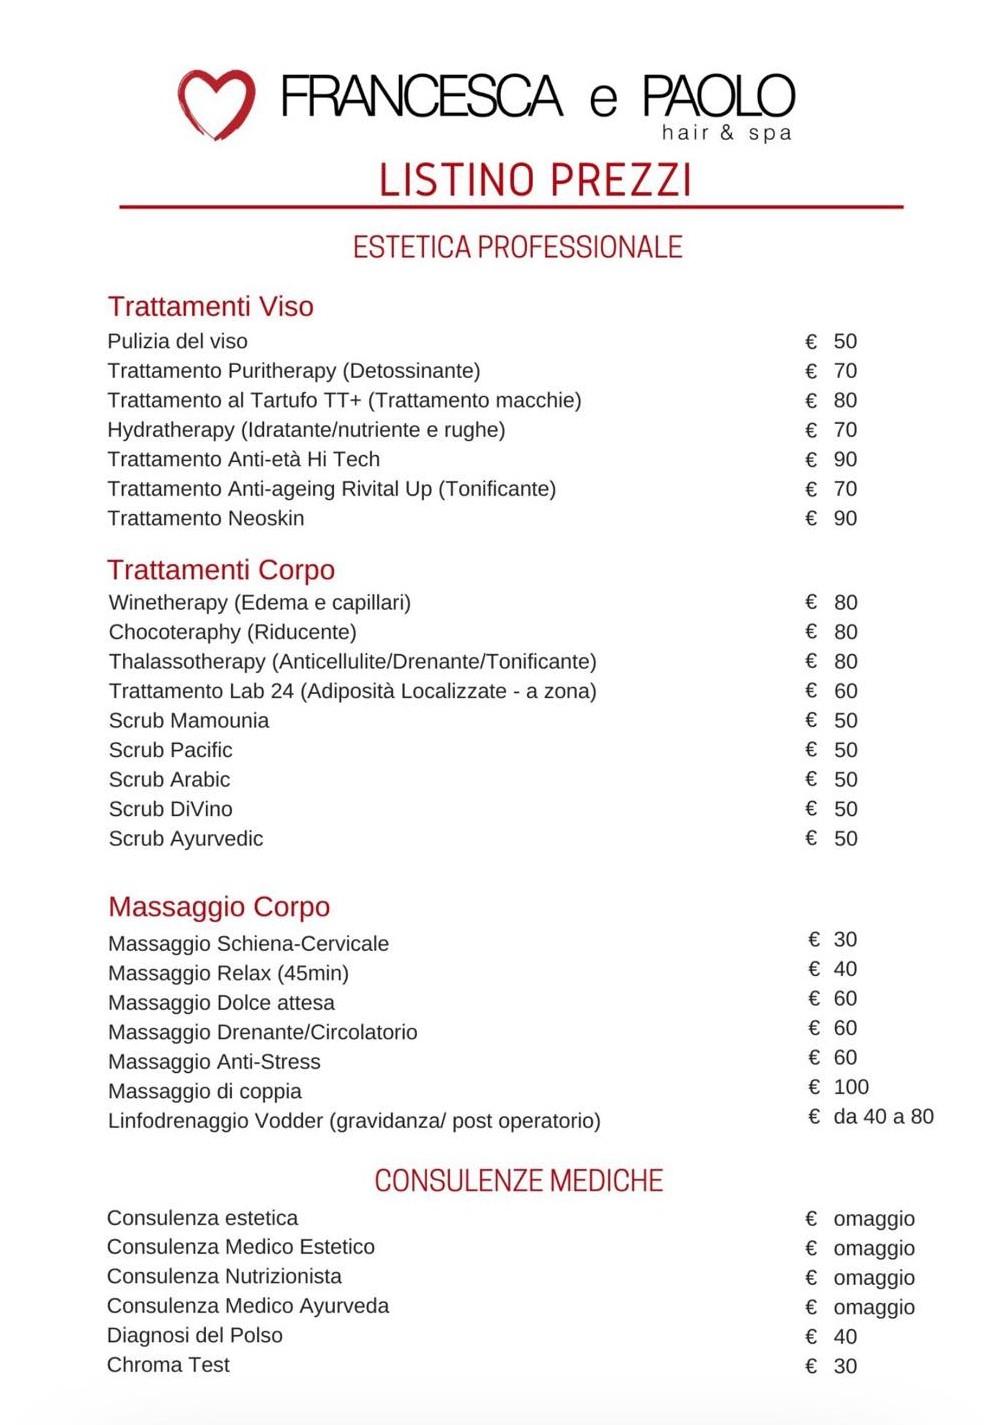 FRANCESCA E PAOLO BEAUTY SERVICE ESTETISTA ROMA LISTINO PREZZI